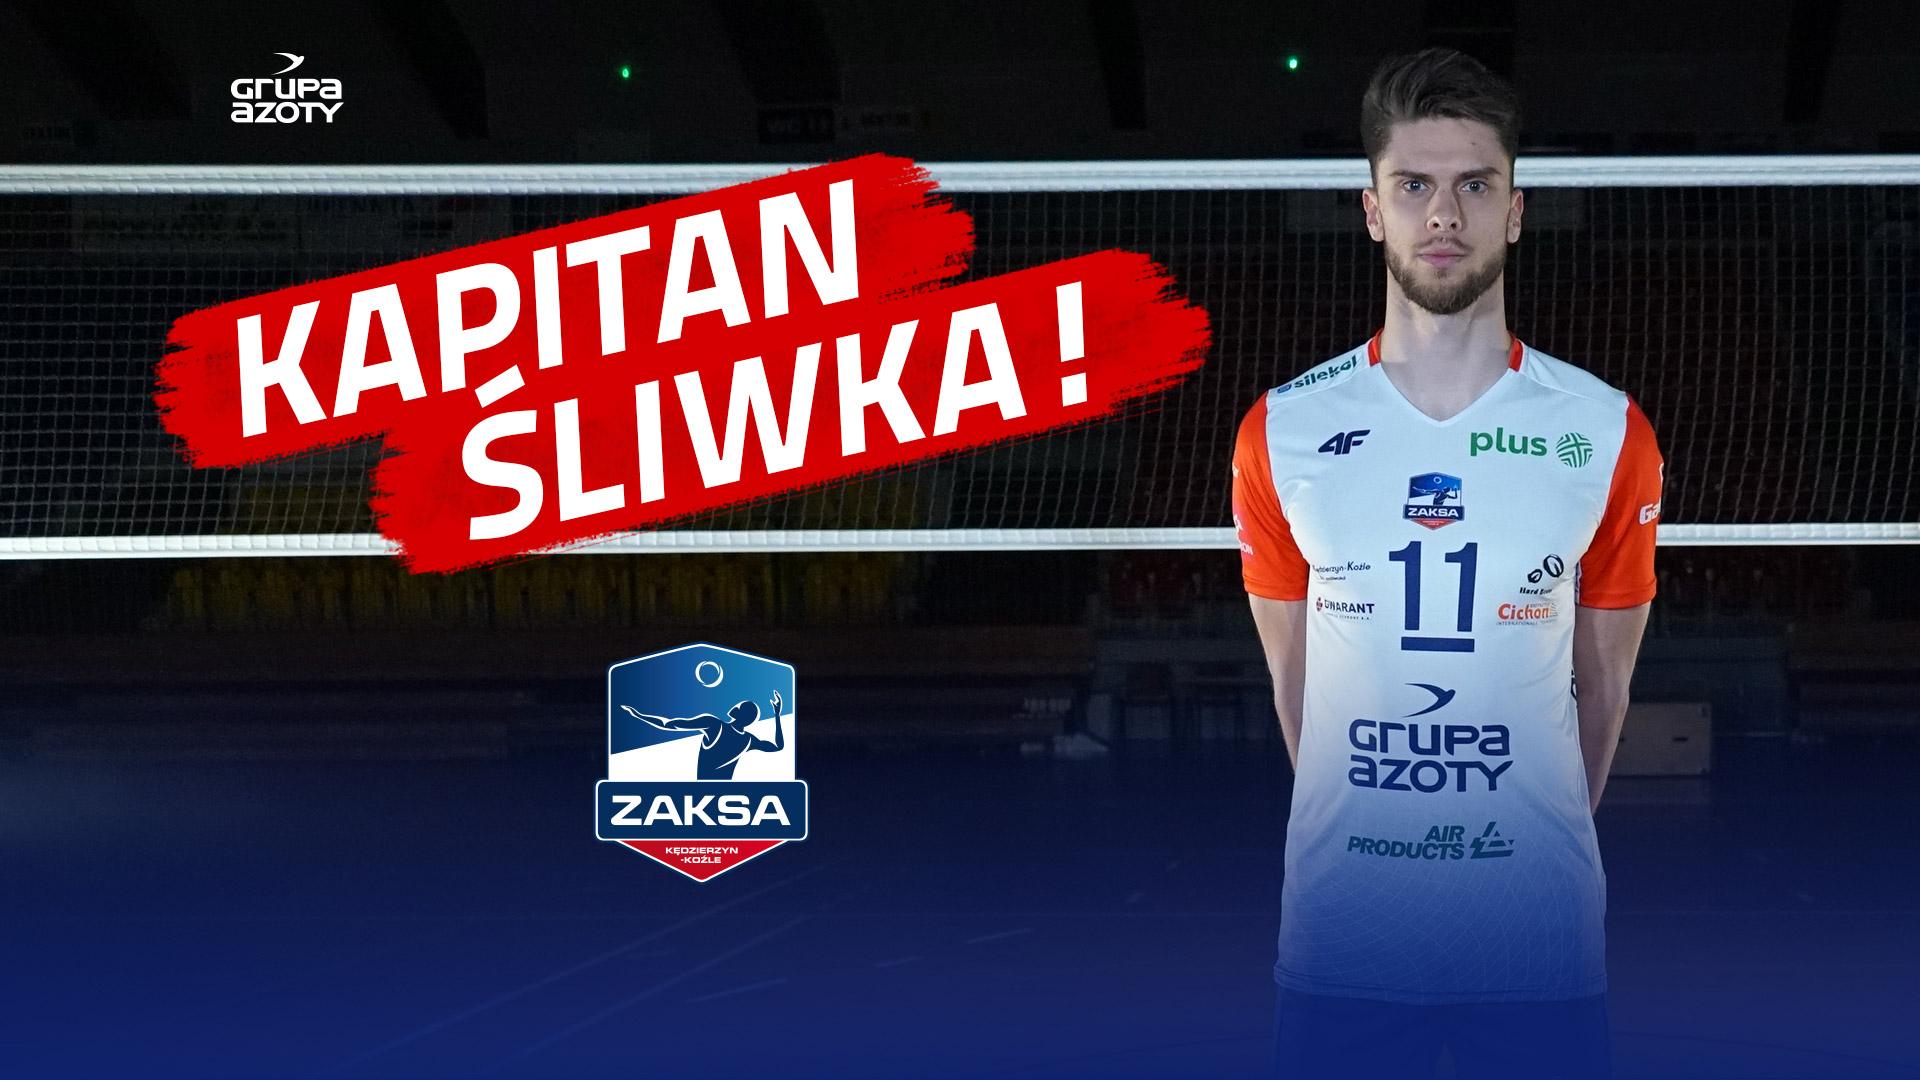 Aleksander Śliwka nowym kapitanem Grupy Azoty ZAKSA Kędzierzyn-Koźle